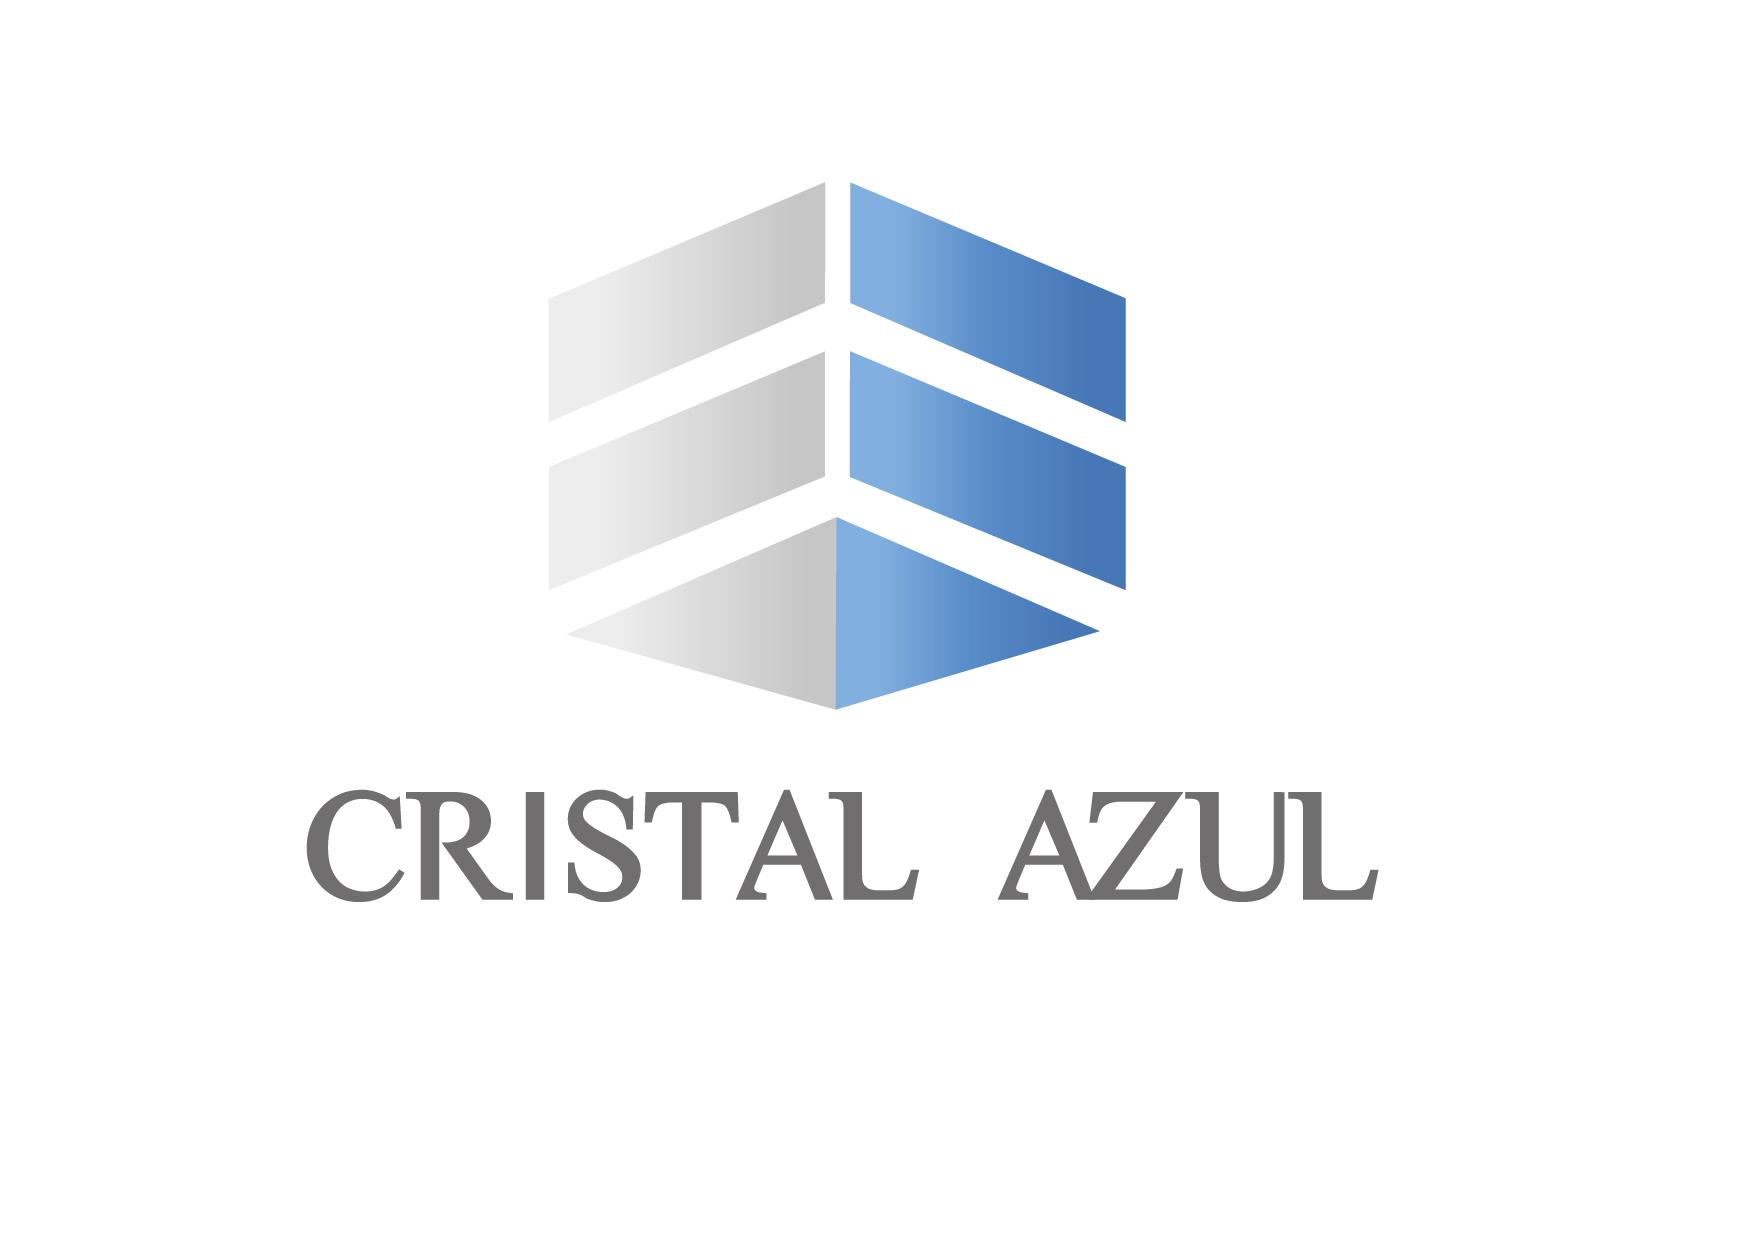 AF Cristal Azul-01.jpg